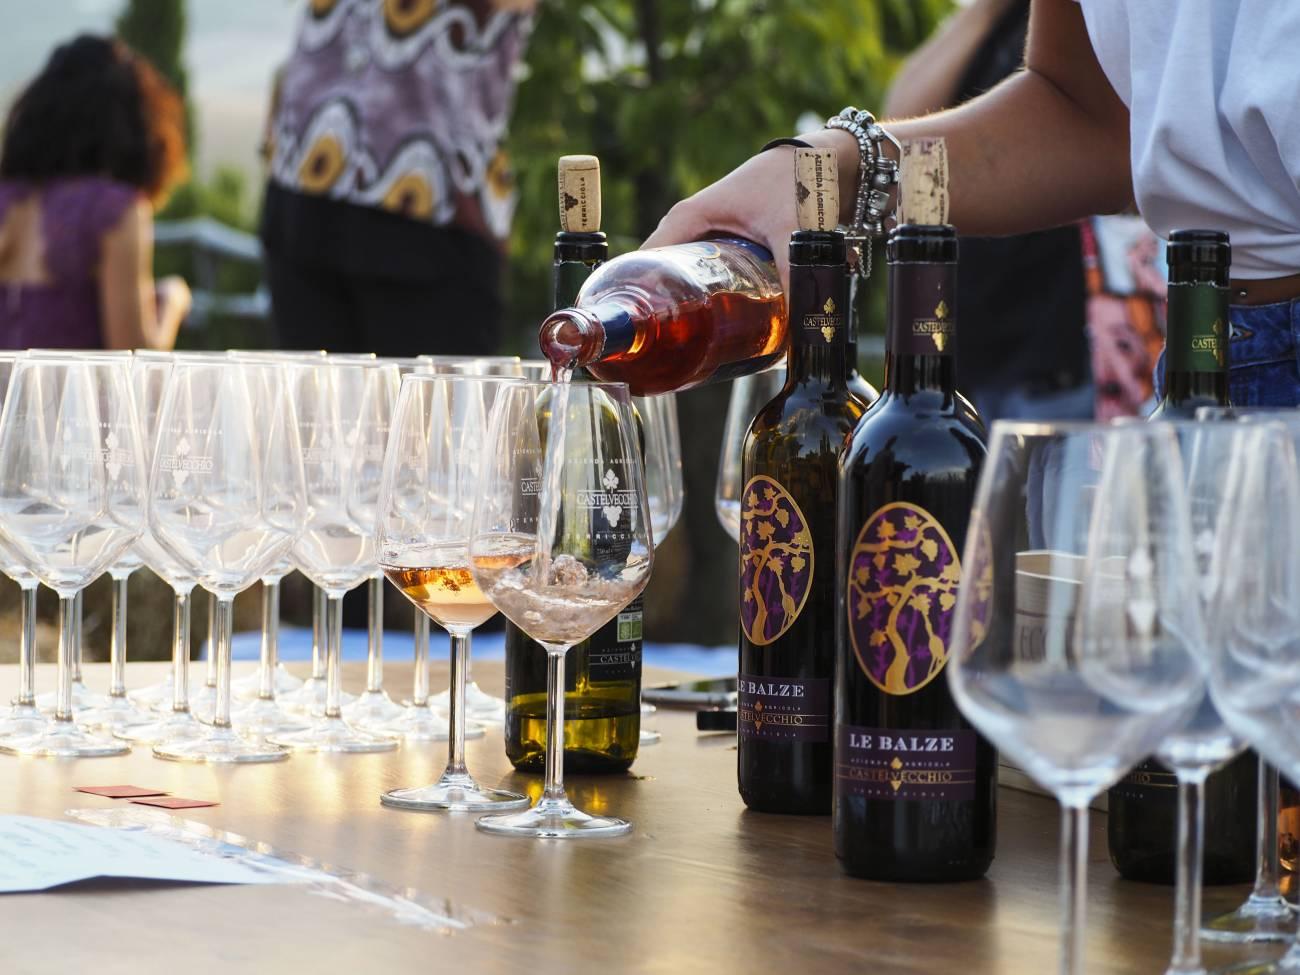 Castelvecchio wine's taste